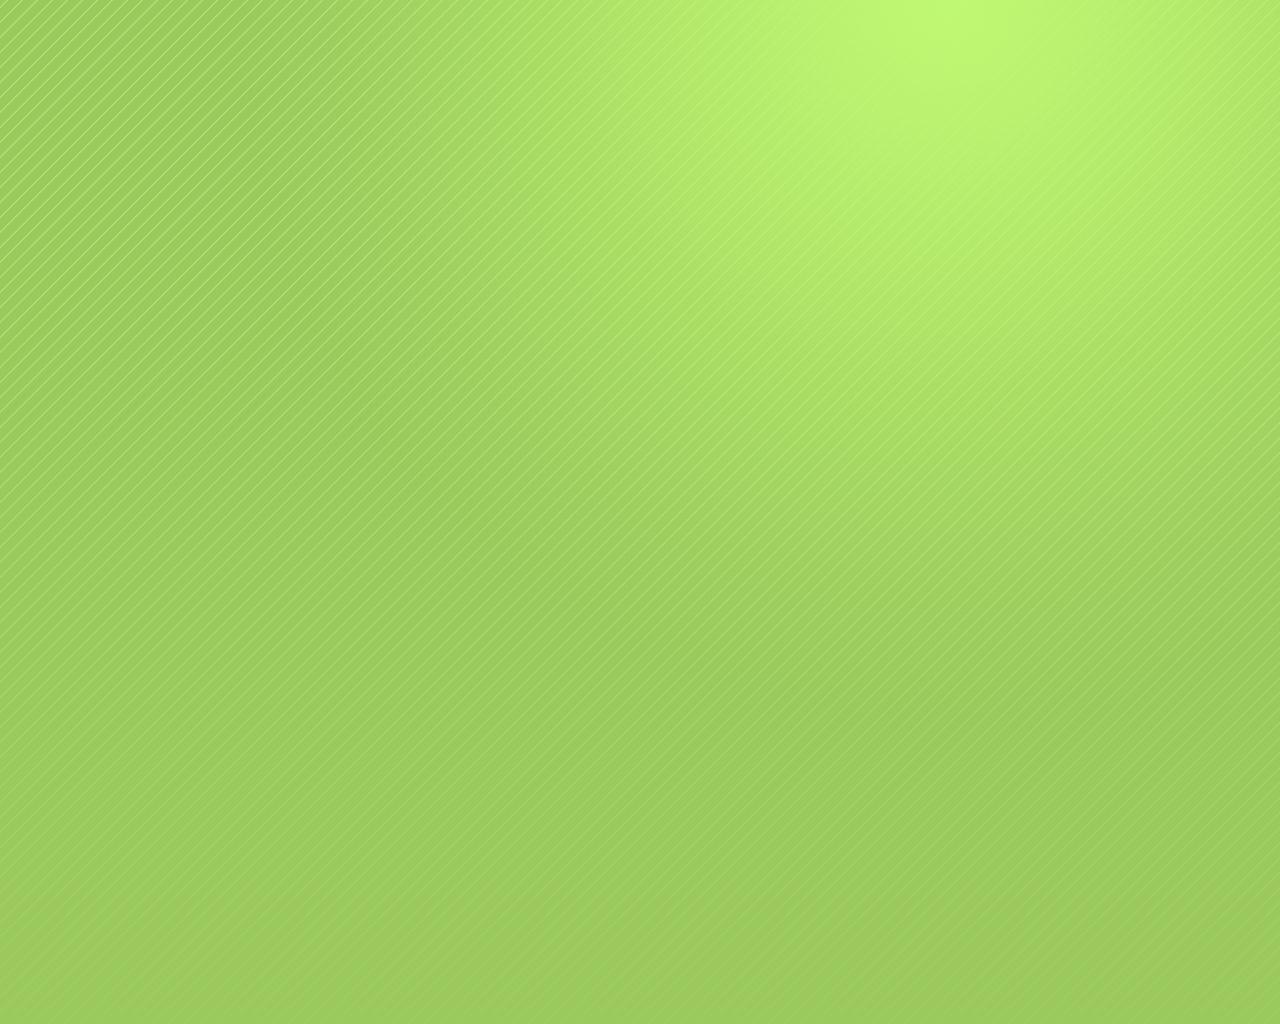 Light Green Wallpapers 1280x1024